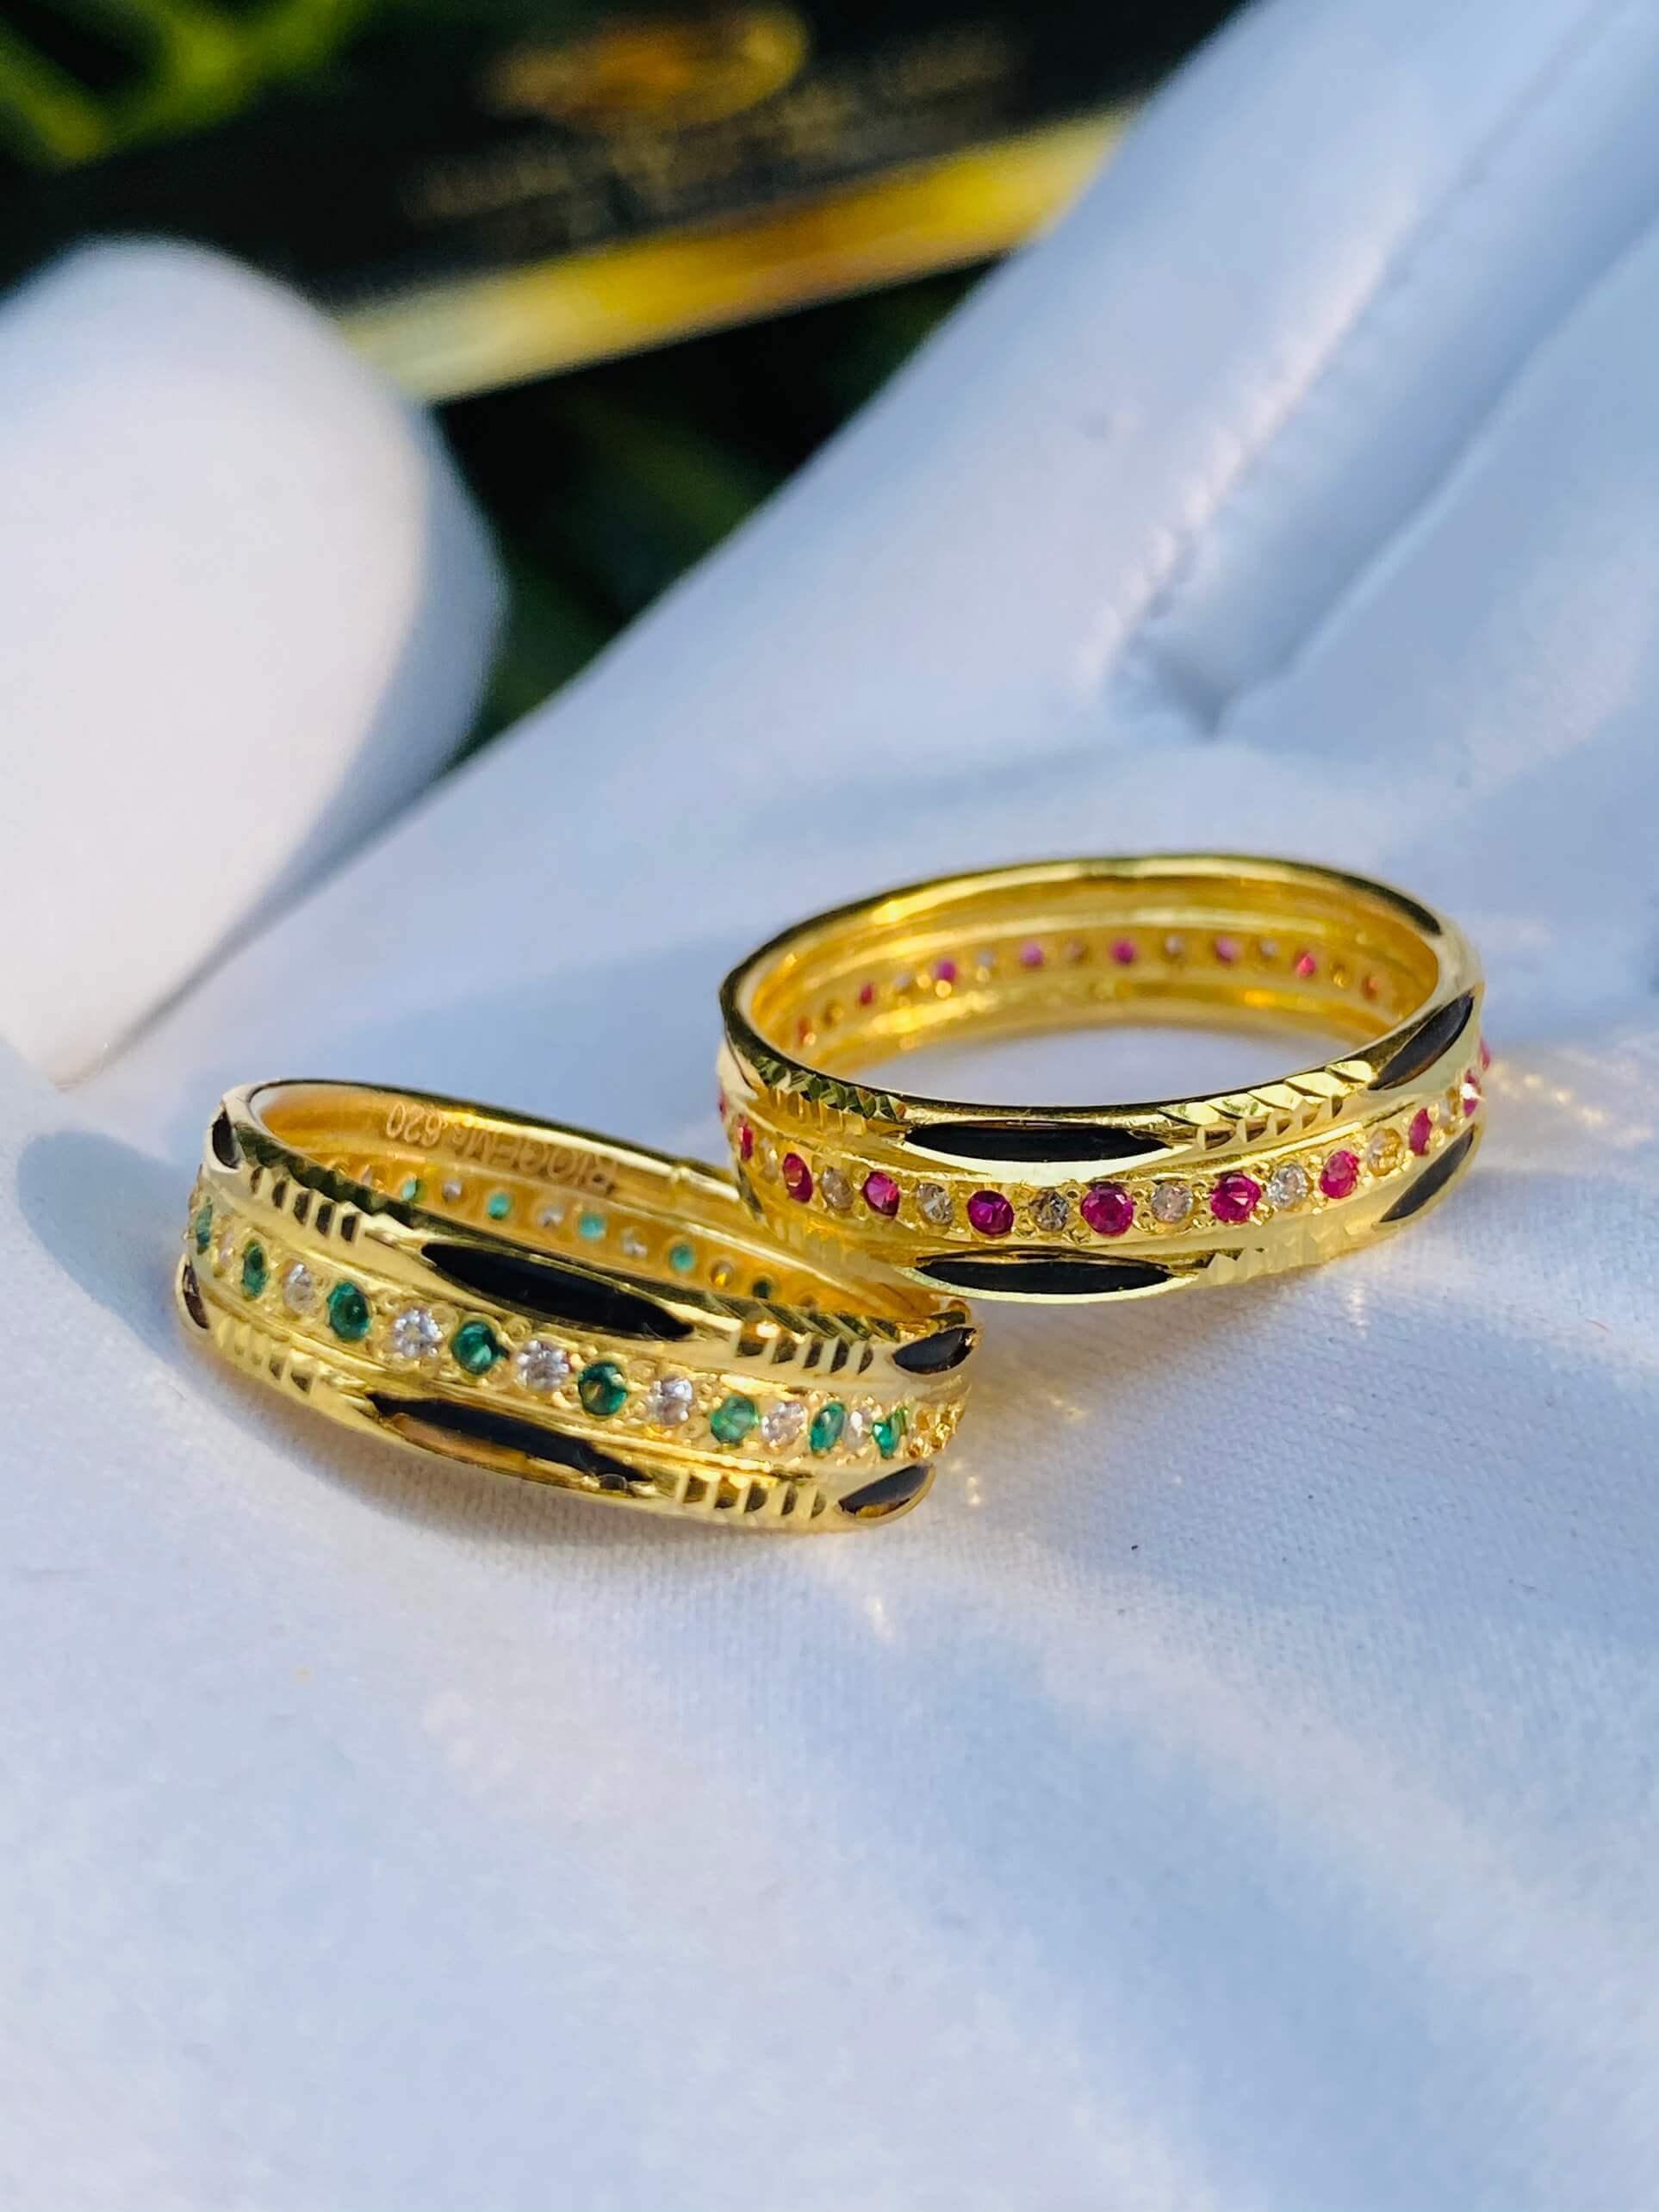 Nhẫn vàng luồng 2 Lông 1 hàng đá xen kẽ (lông FAKE) chất